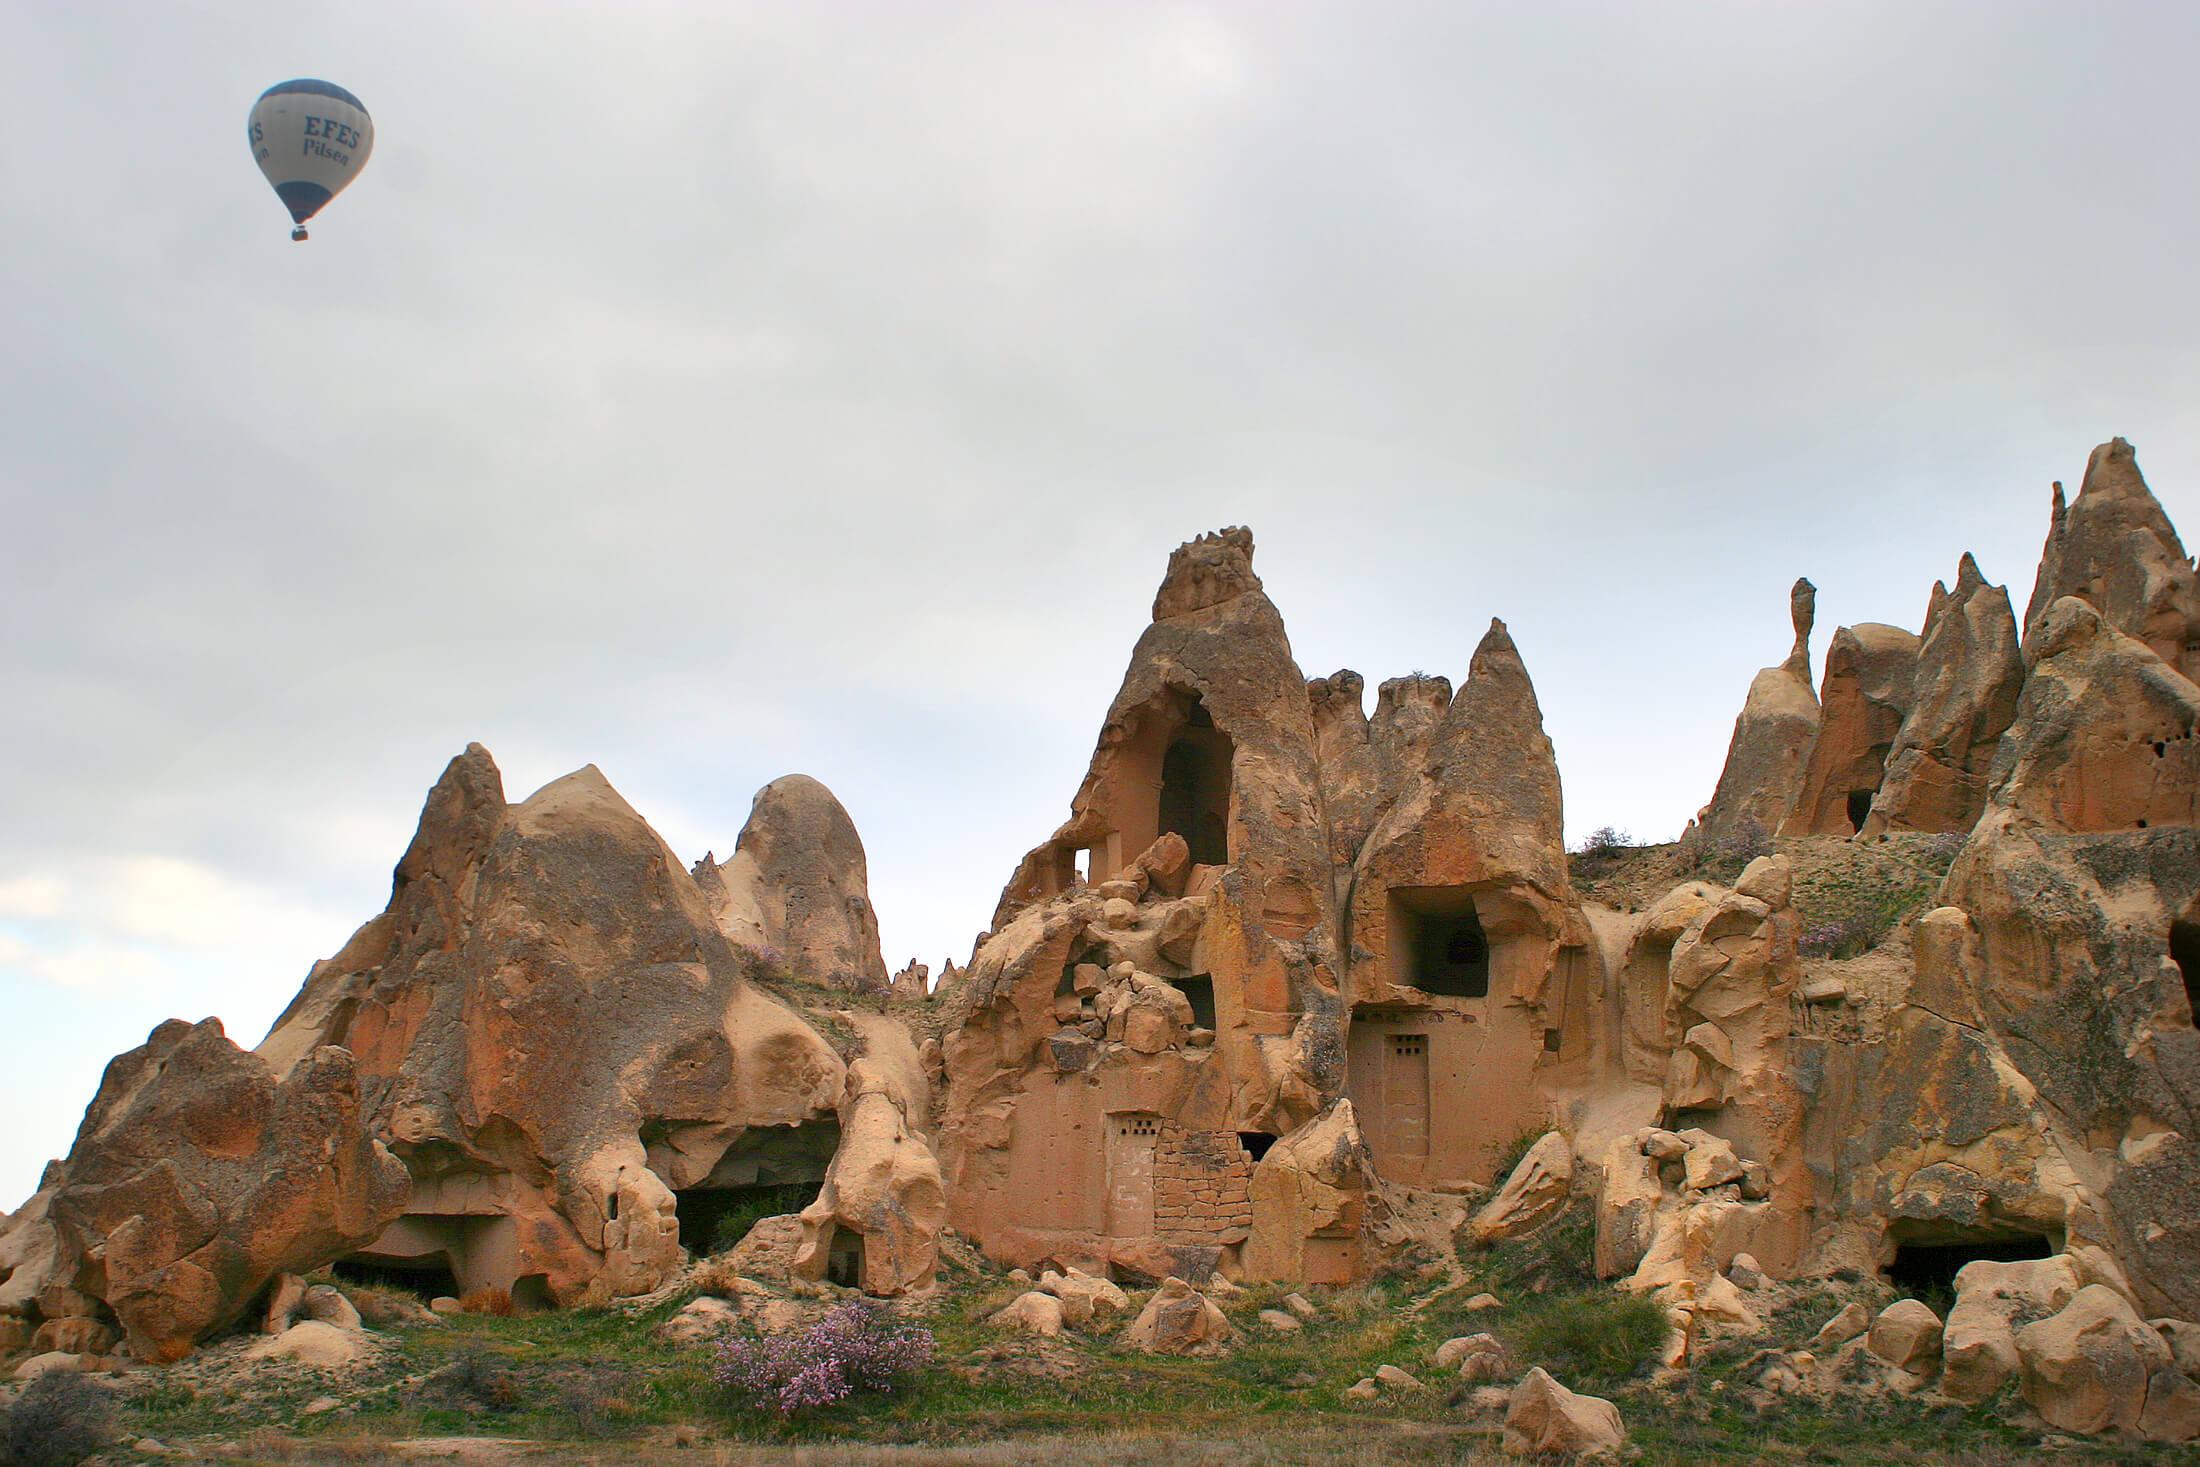 Hot_air_balloon_over_cappadocia_4